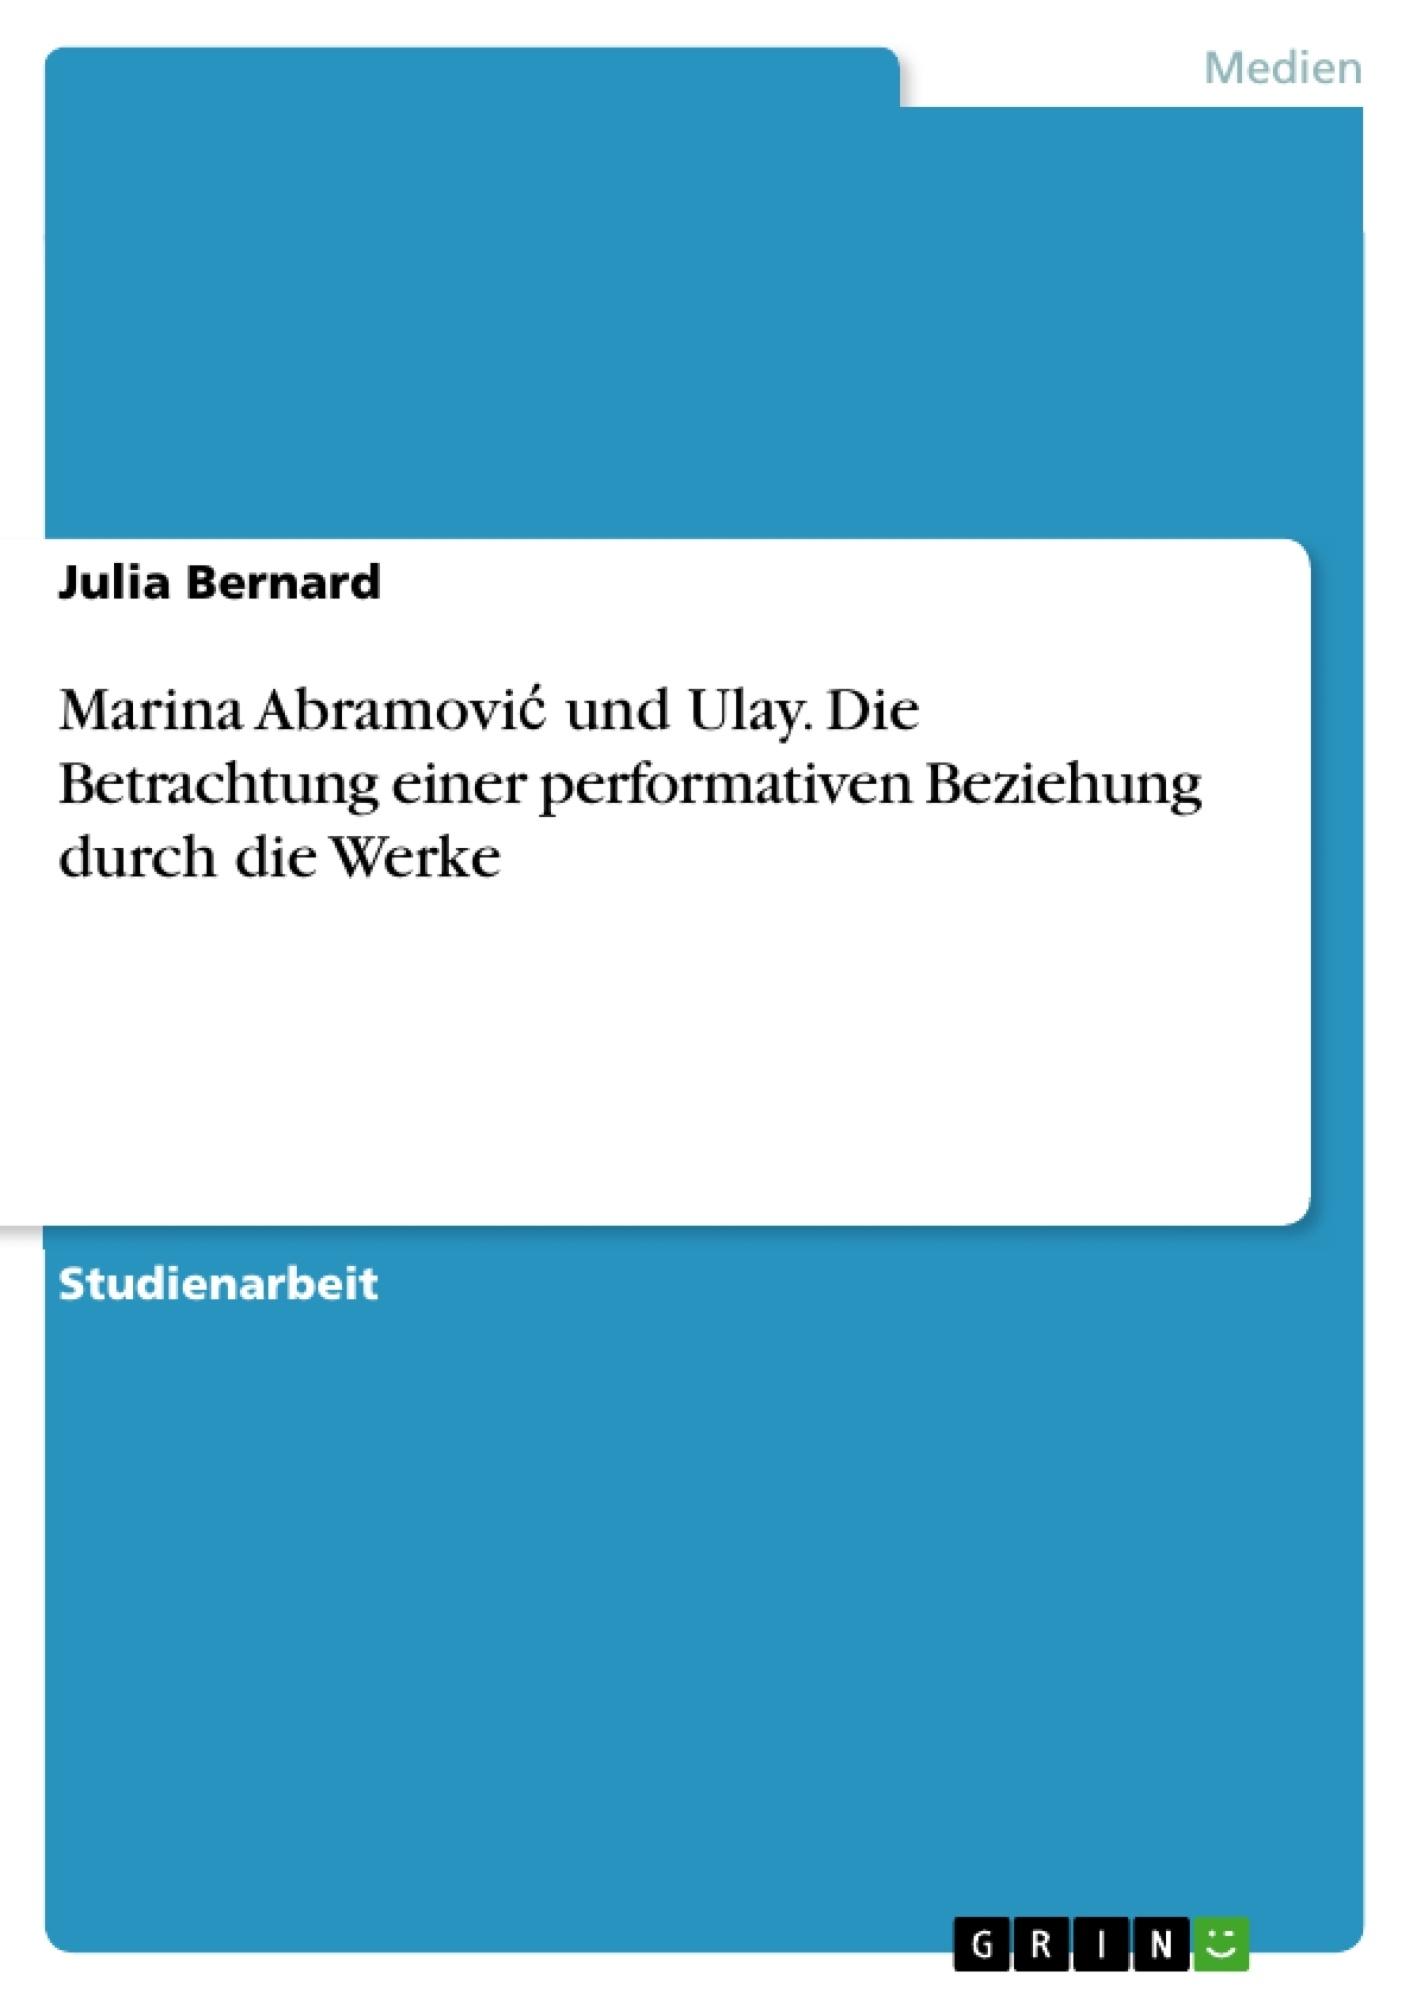 Titel: Marina Abramović und Ulay. Die Betrachtung einer performativen Beziehung durch die Werke